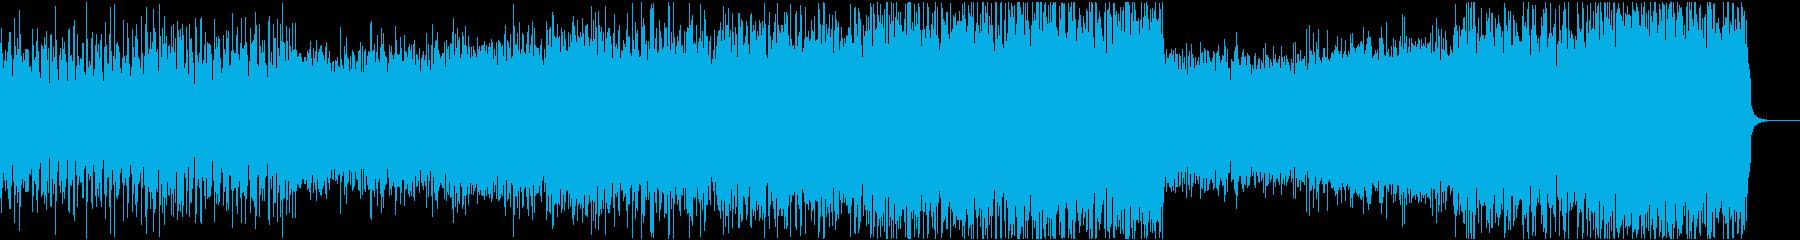 News40 ニュース・情報・動画・告知の再生済みの波形